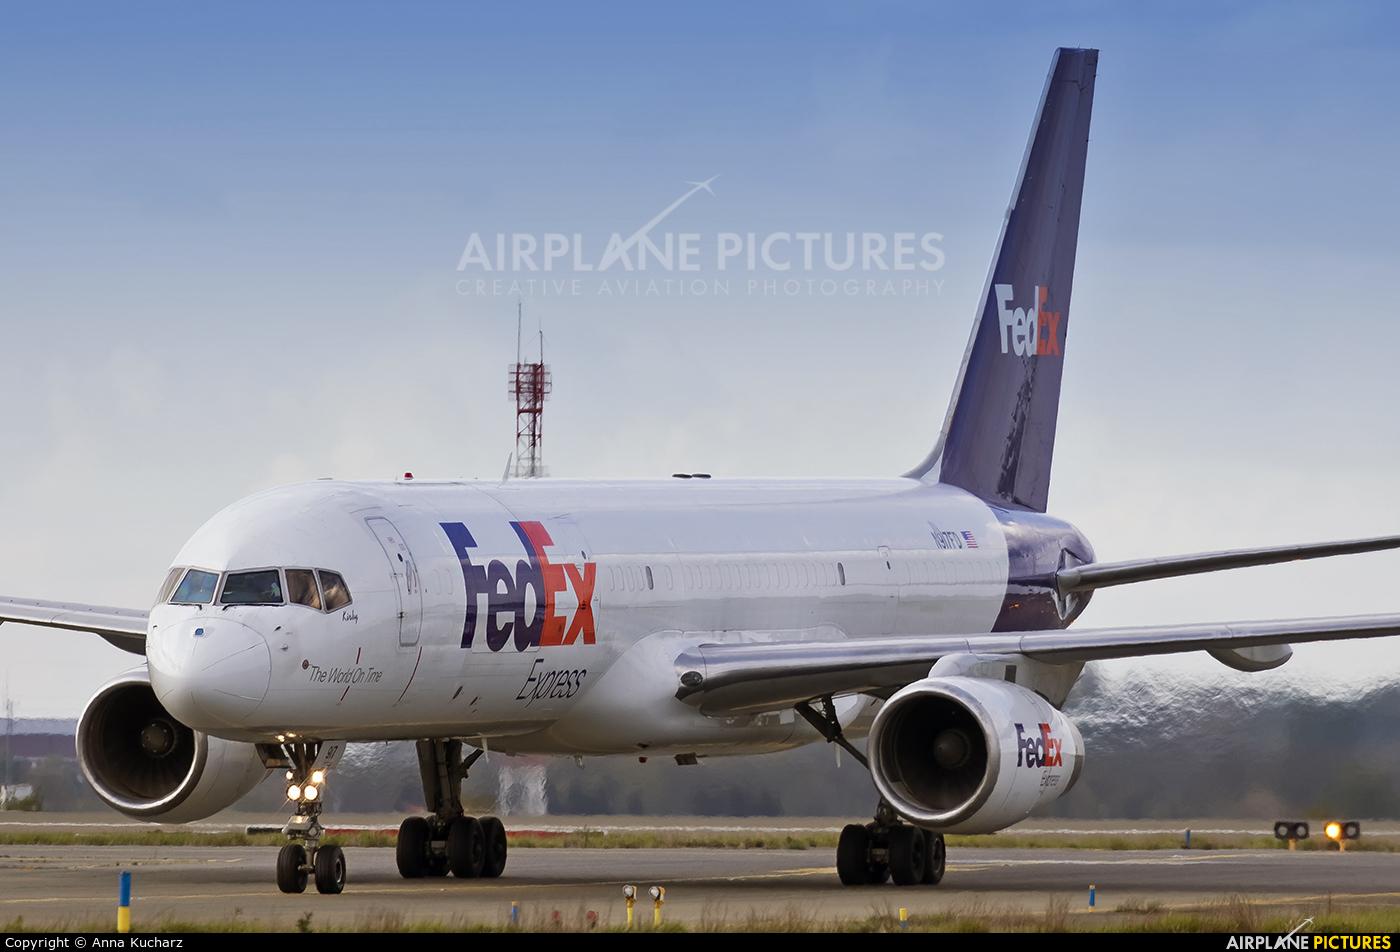 FedEx Federal Express N917FD aircraft at Paris - Charles de Gaulle